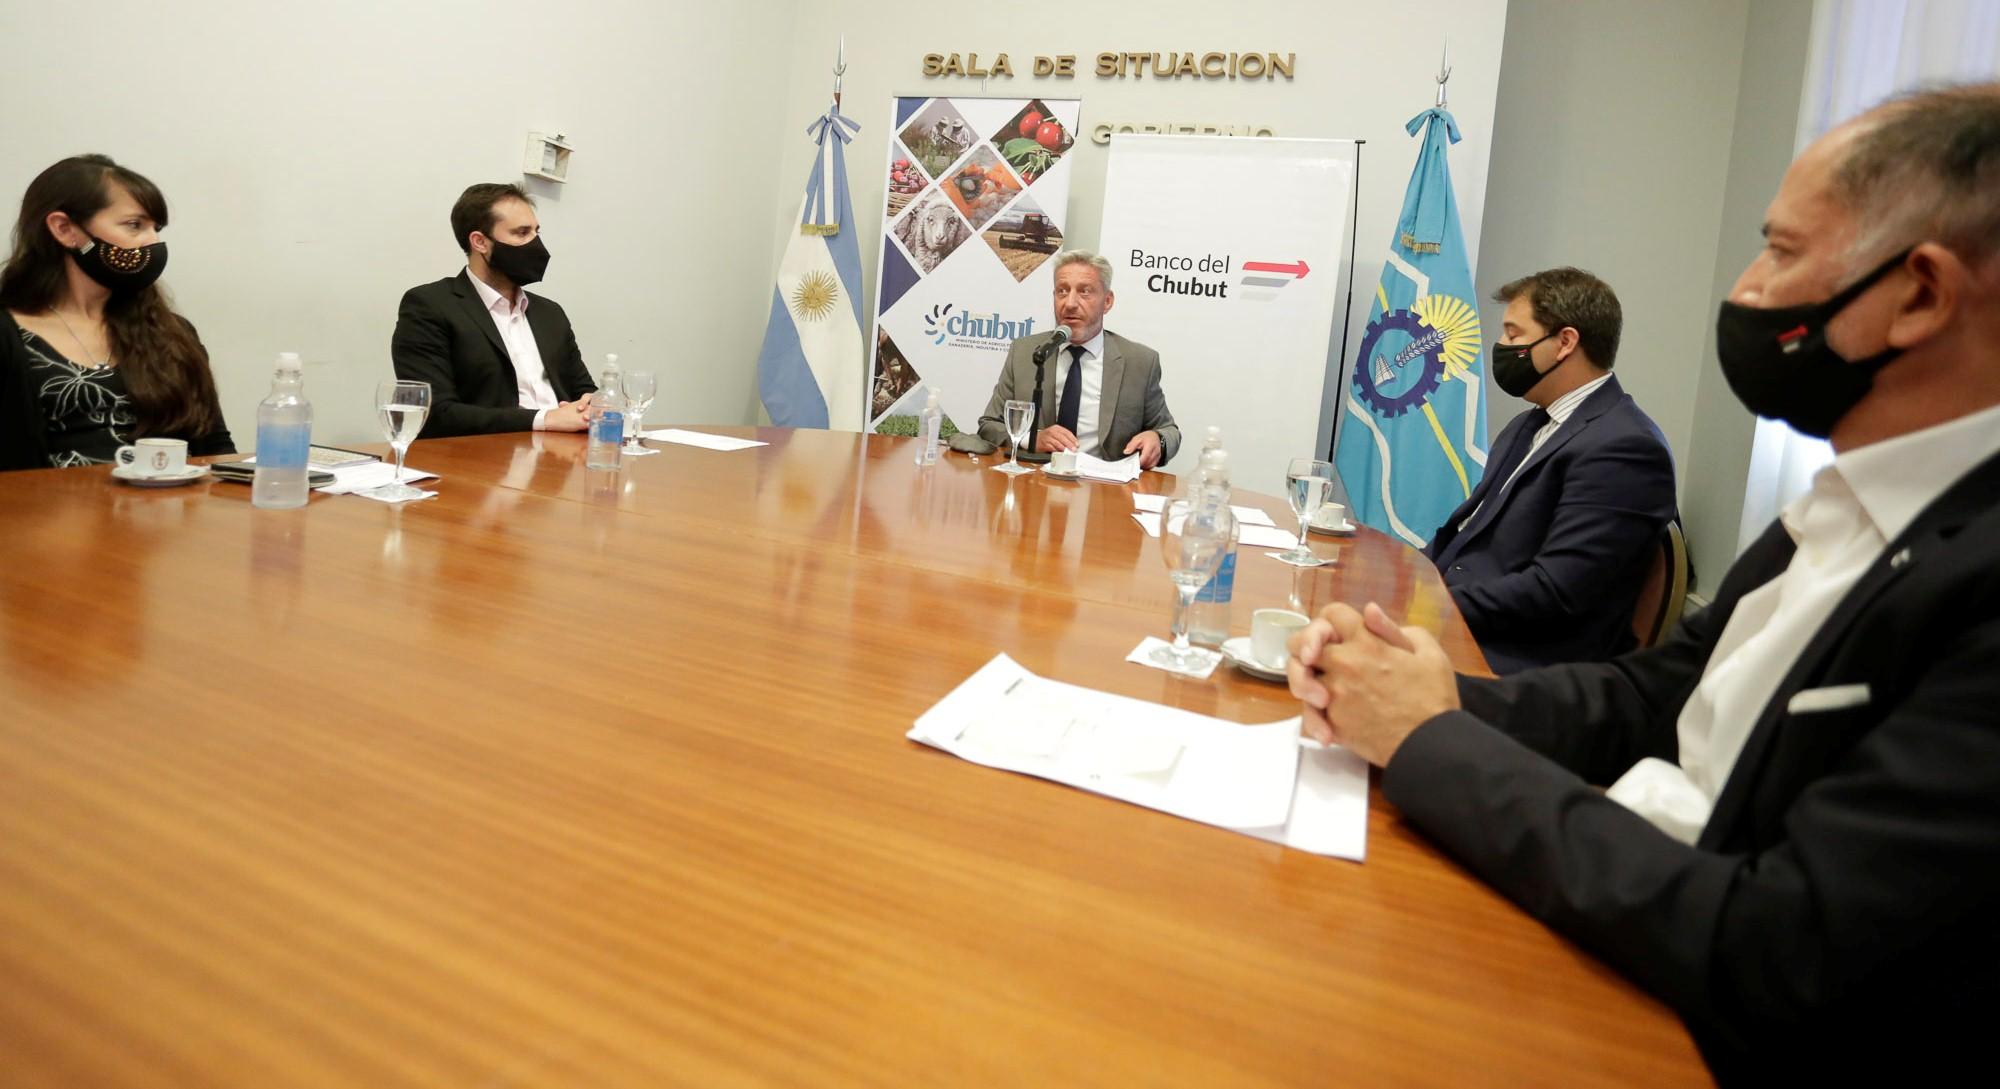 El Gobierno del Chubut busca reactivar la inversión con línea de financiamiento para PyMes